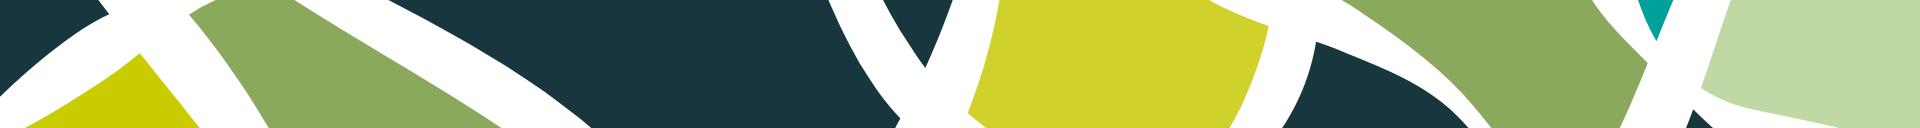 franja-logo